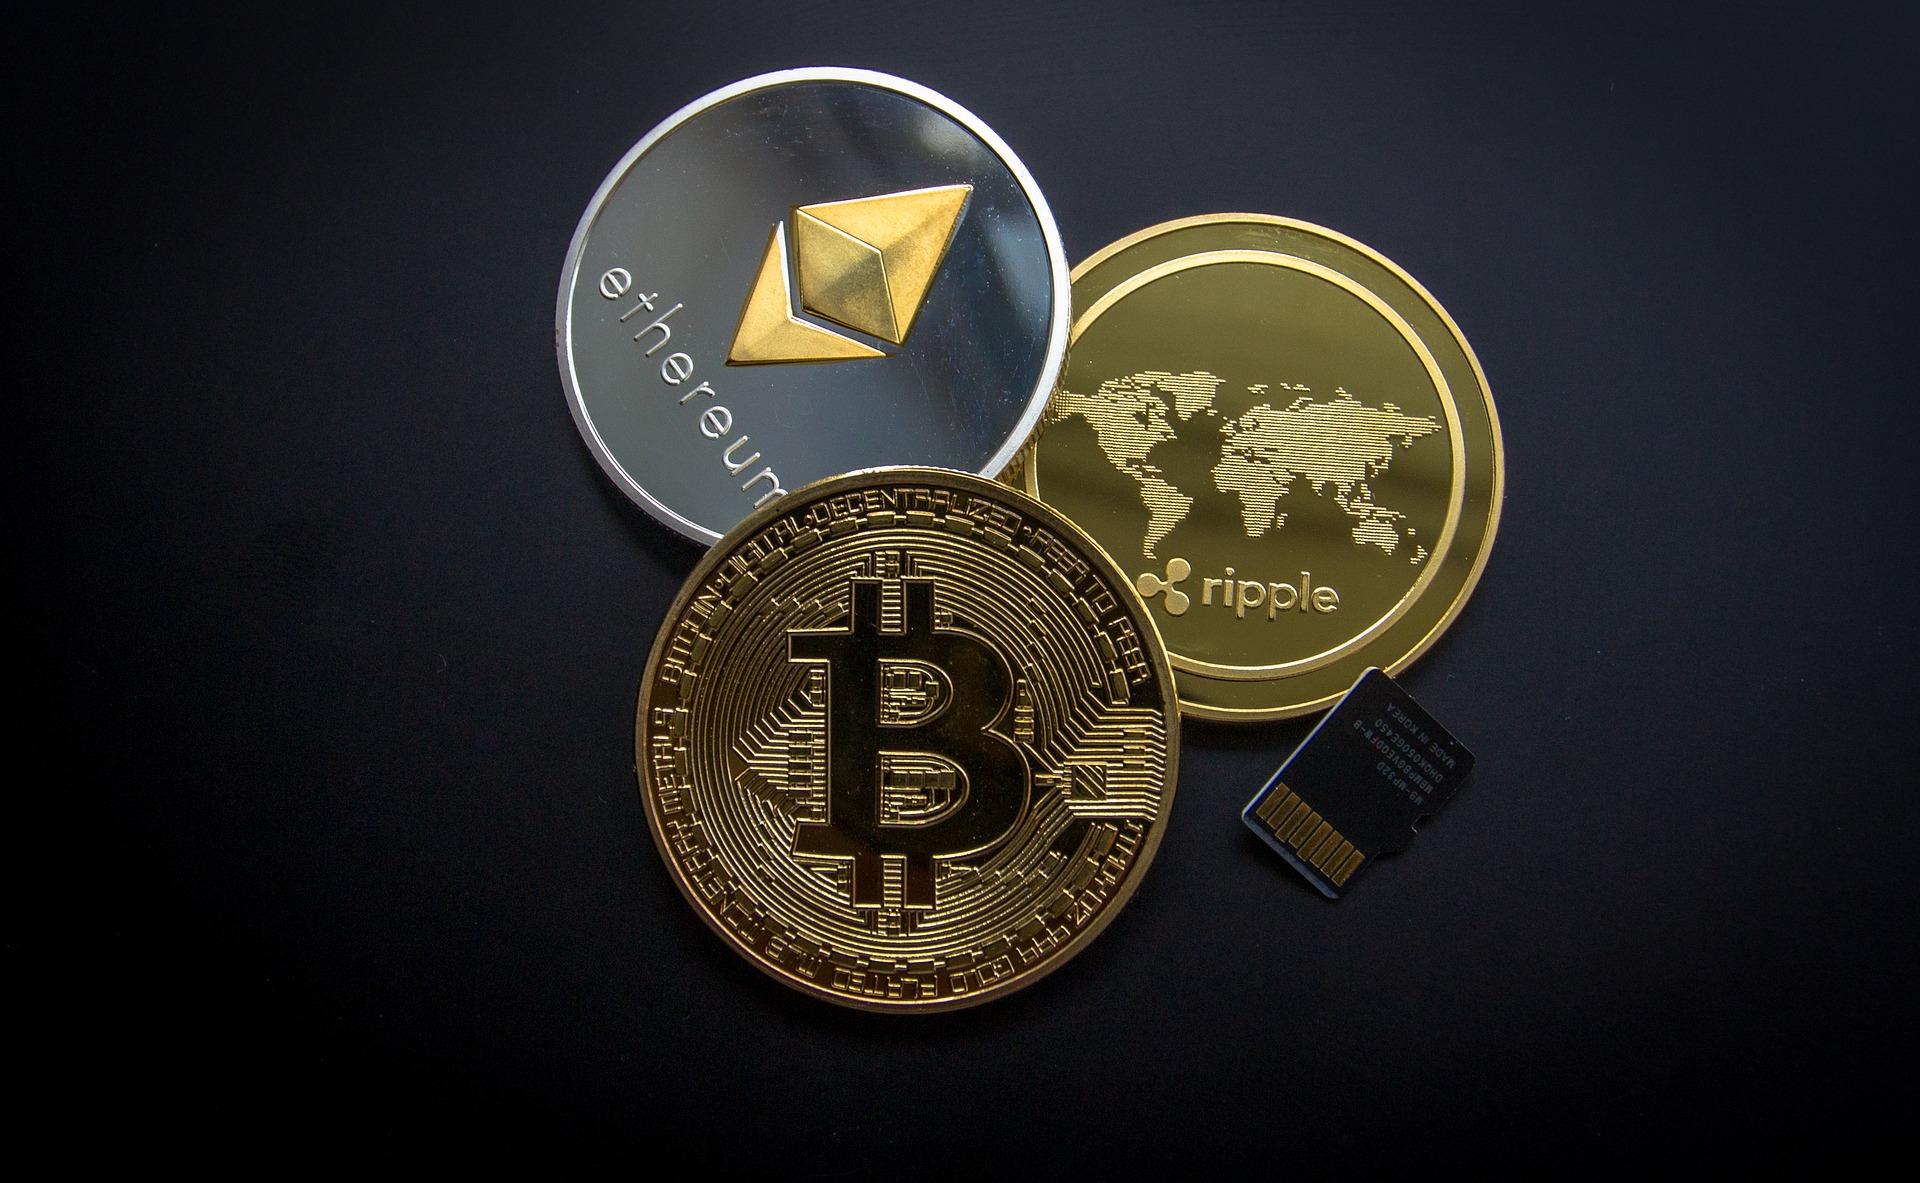 Conheça as 5 criptomoedas mais valiosas do mercado